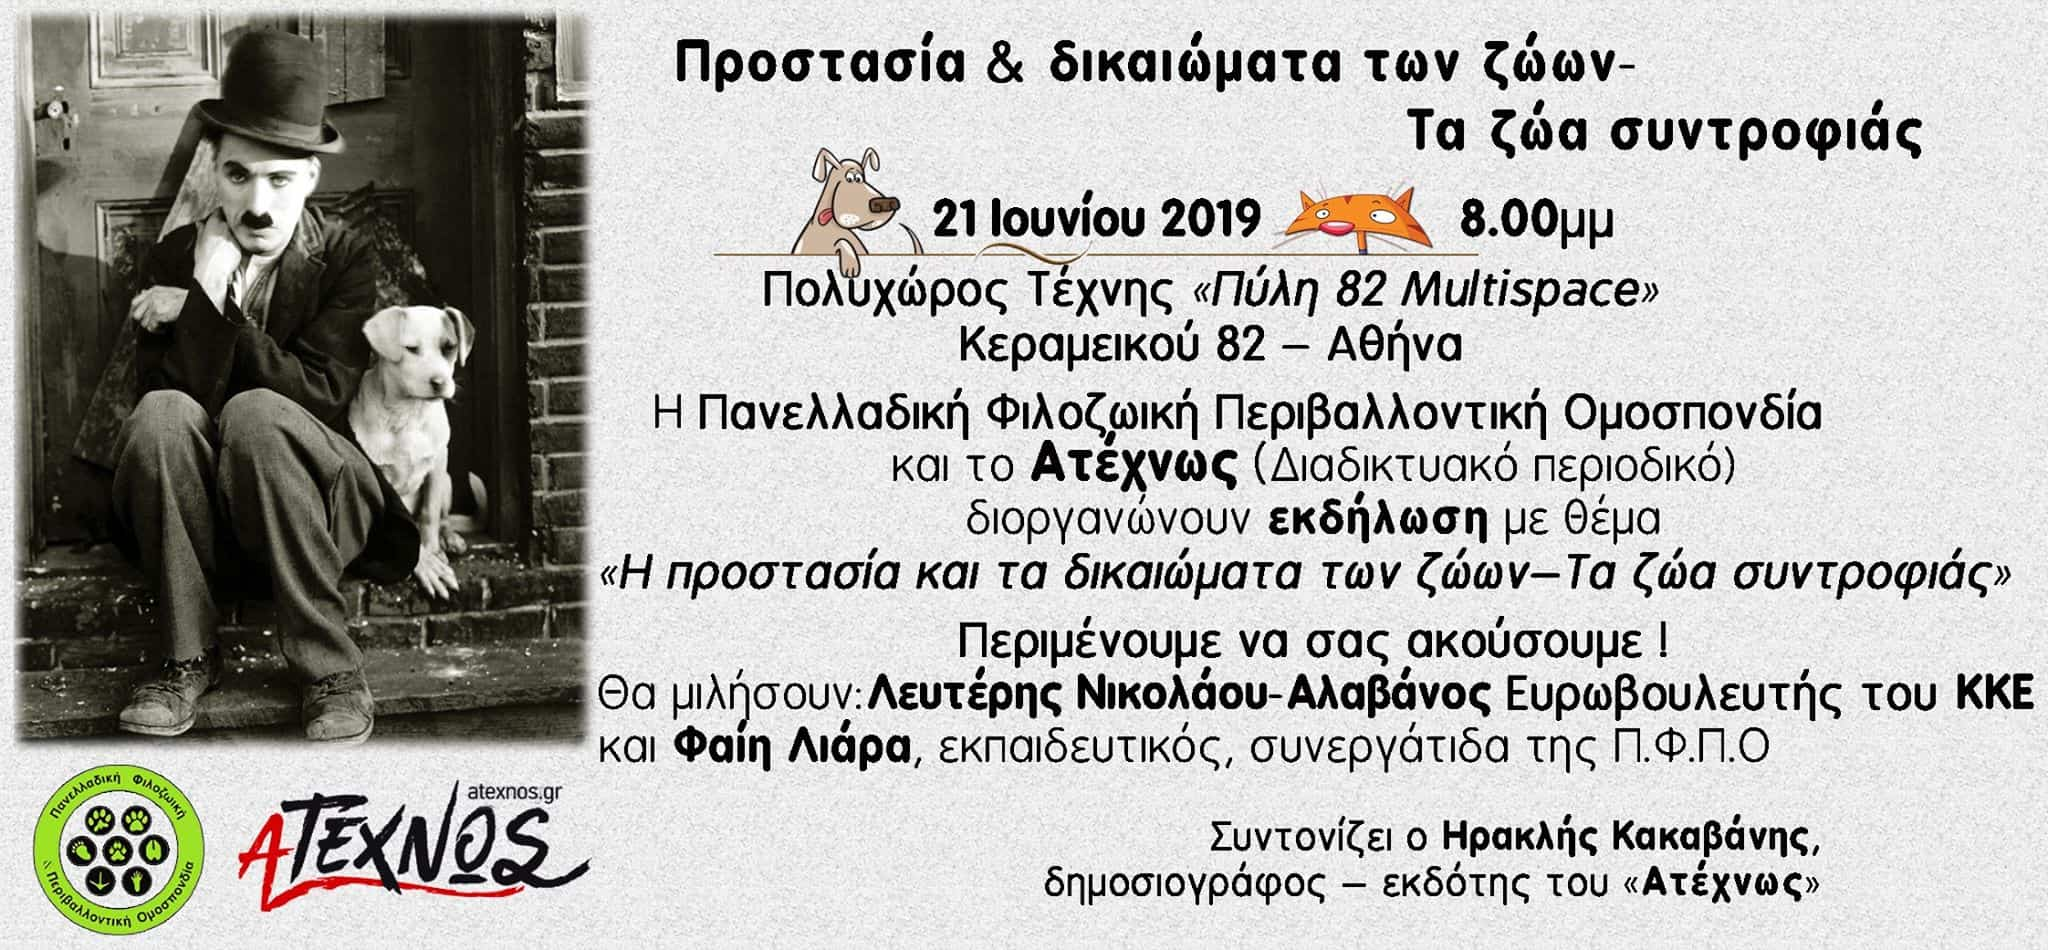 """Εκδήλωση της ΠΦΠΟ και του ΑΤΕΧΝΩΣ / Event by PFPO and the online magazine """"ATEXNOS"""""""